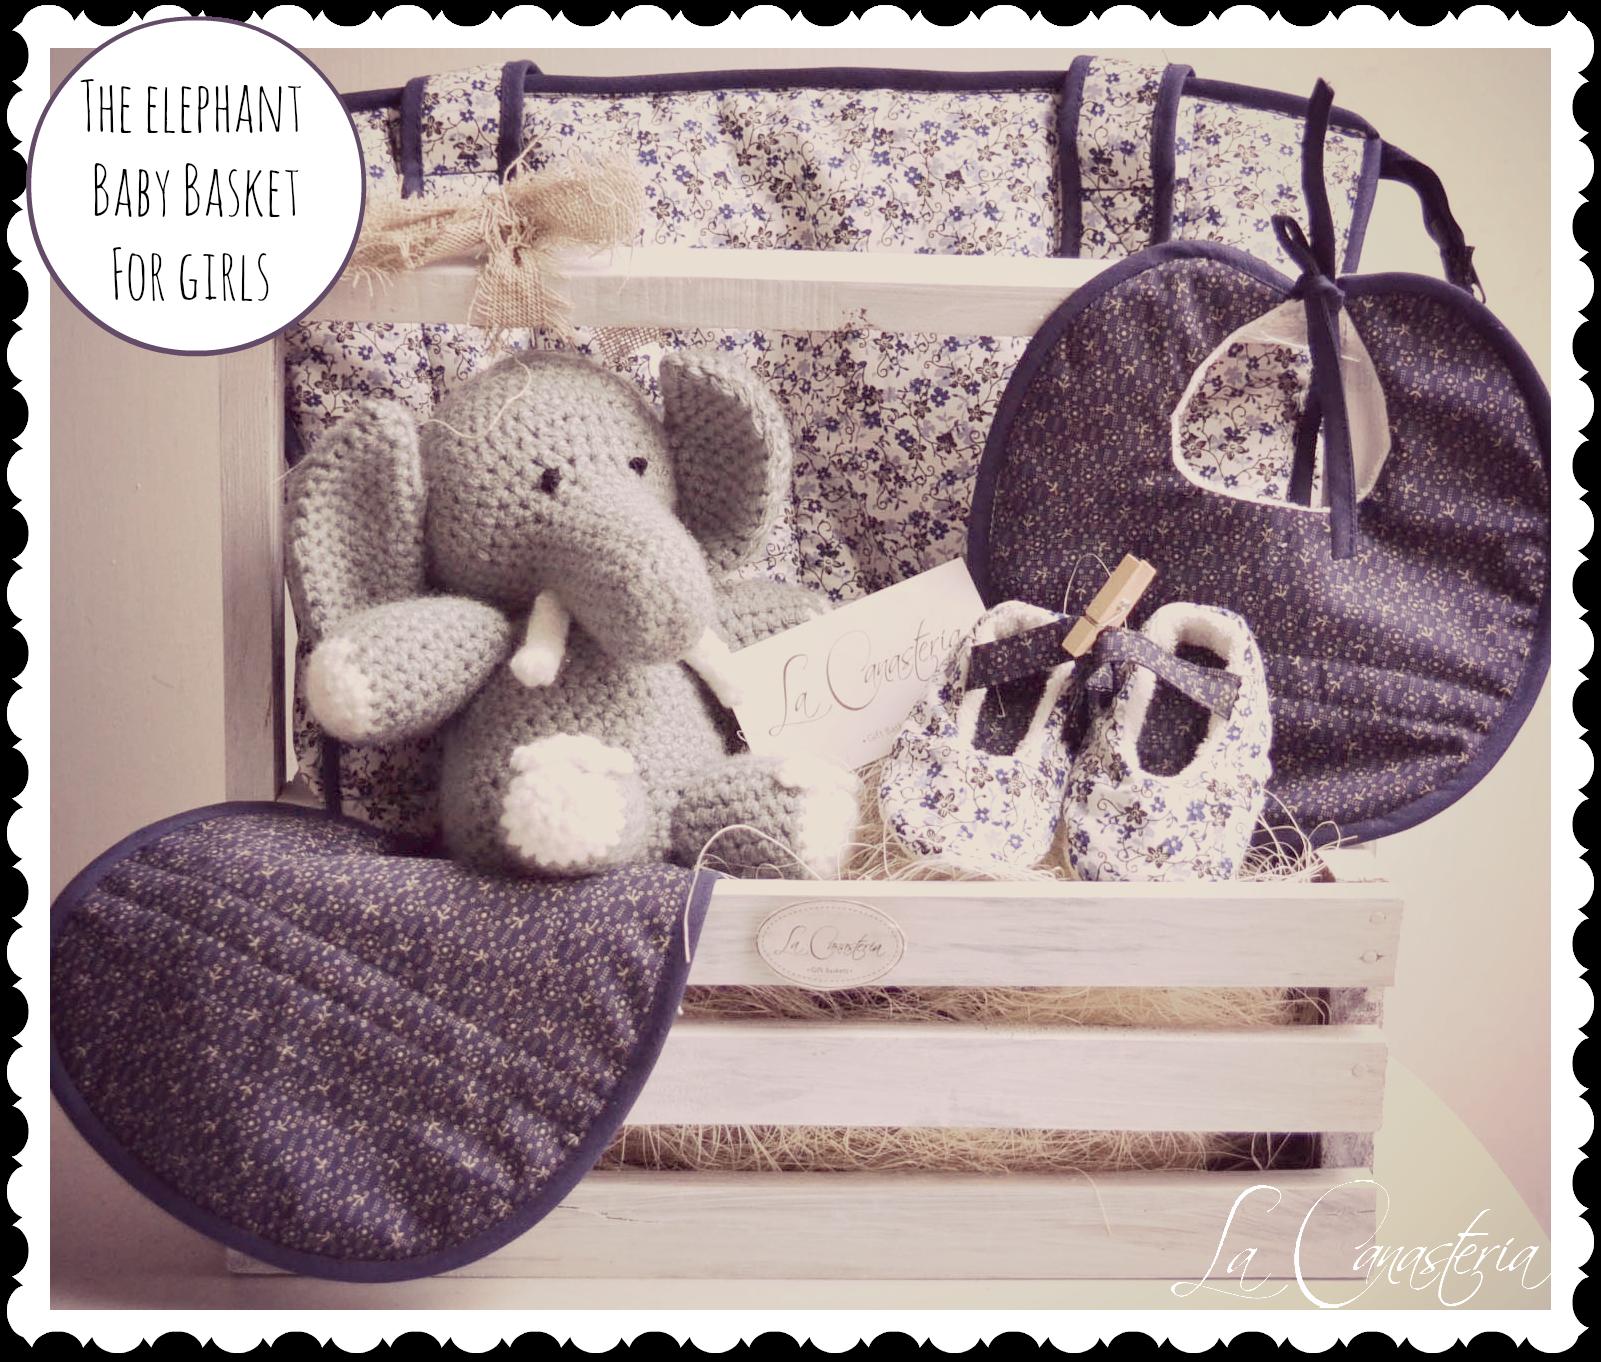 Regalos Originales Mama Primeriza.Chic Baby Baskets La Canasteria Blog